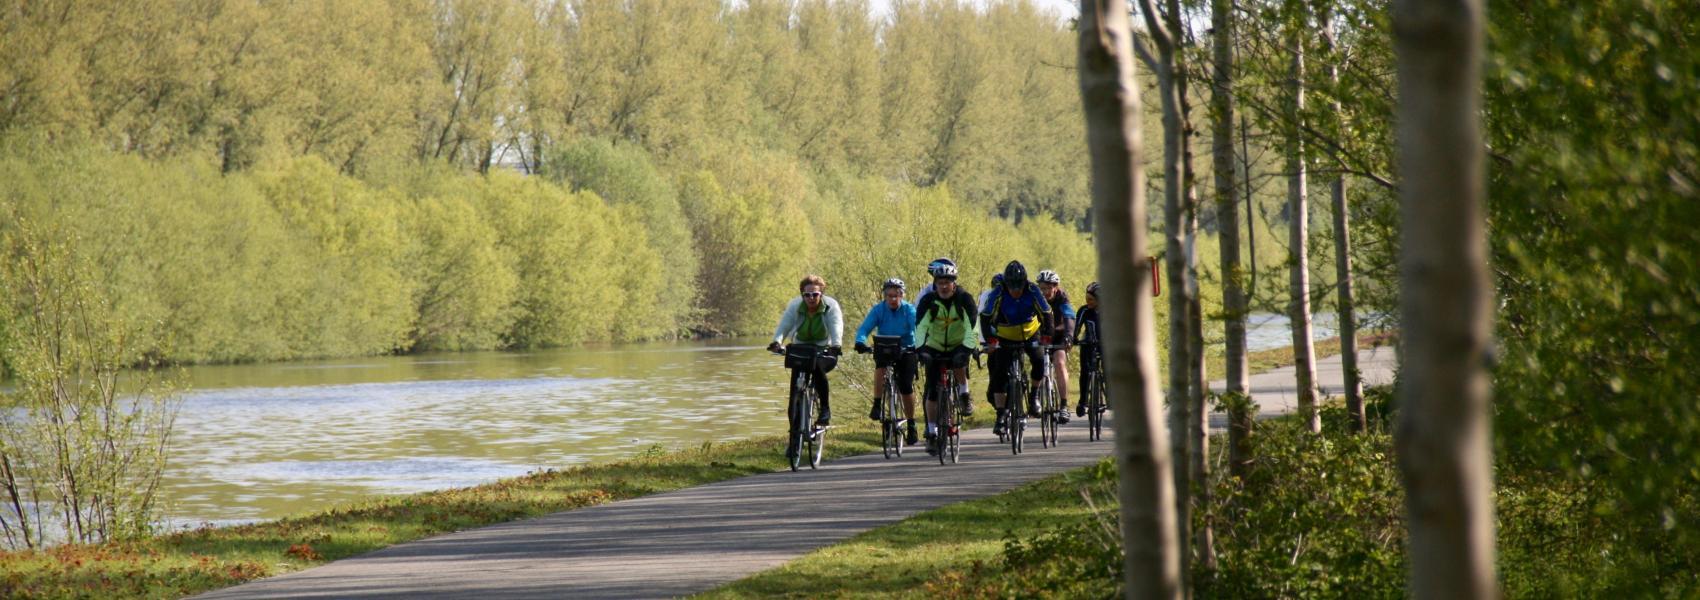 fietsers langs het kanaal